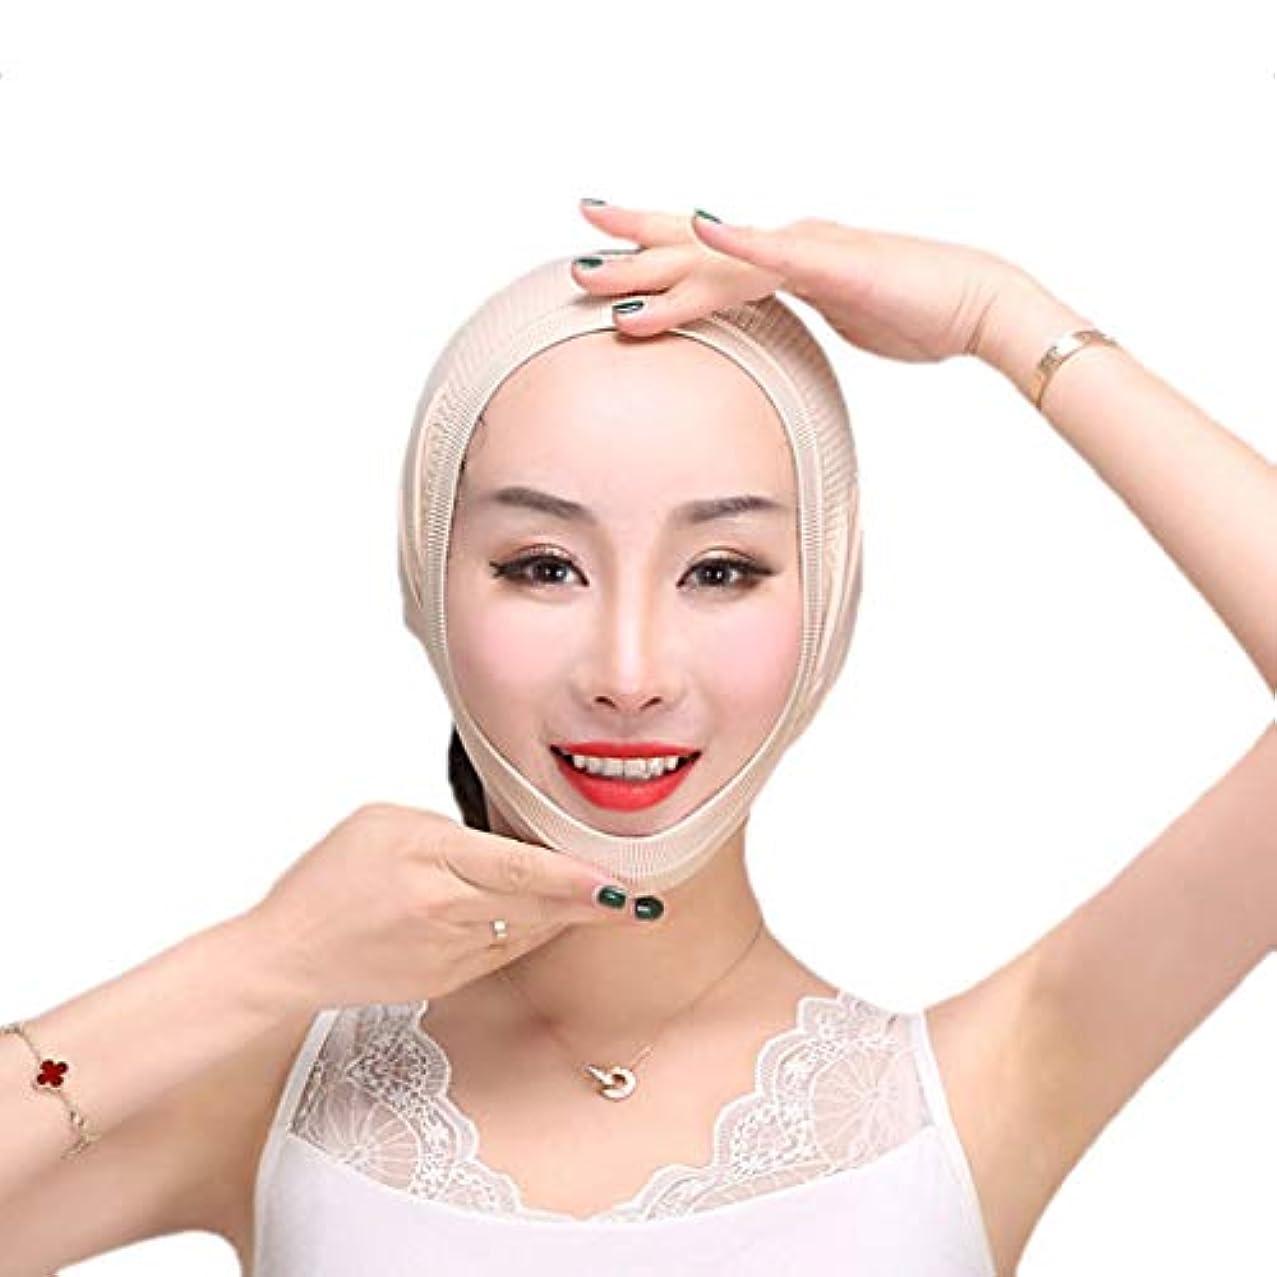 パット宿消毒剤フェイスリフトマスク、フェイススリミングマスク、チンストラップ、フェイスマッサージ、フェイシャル減量マスク、チンリフティングベルト(ワンサイズ)